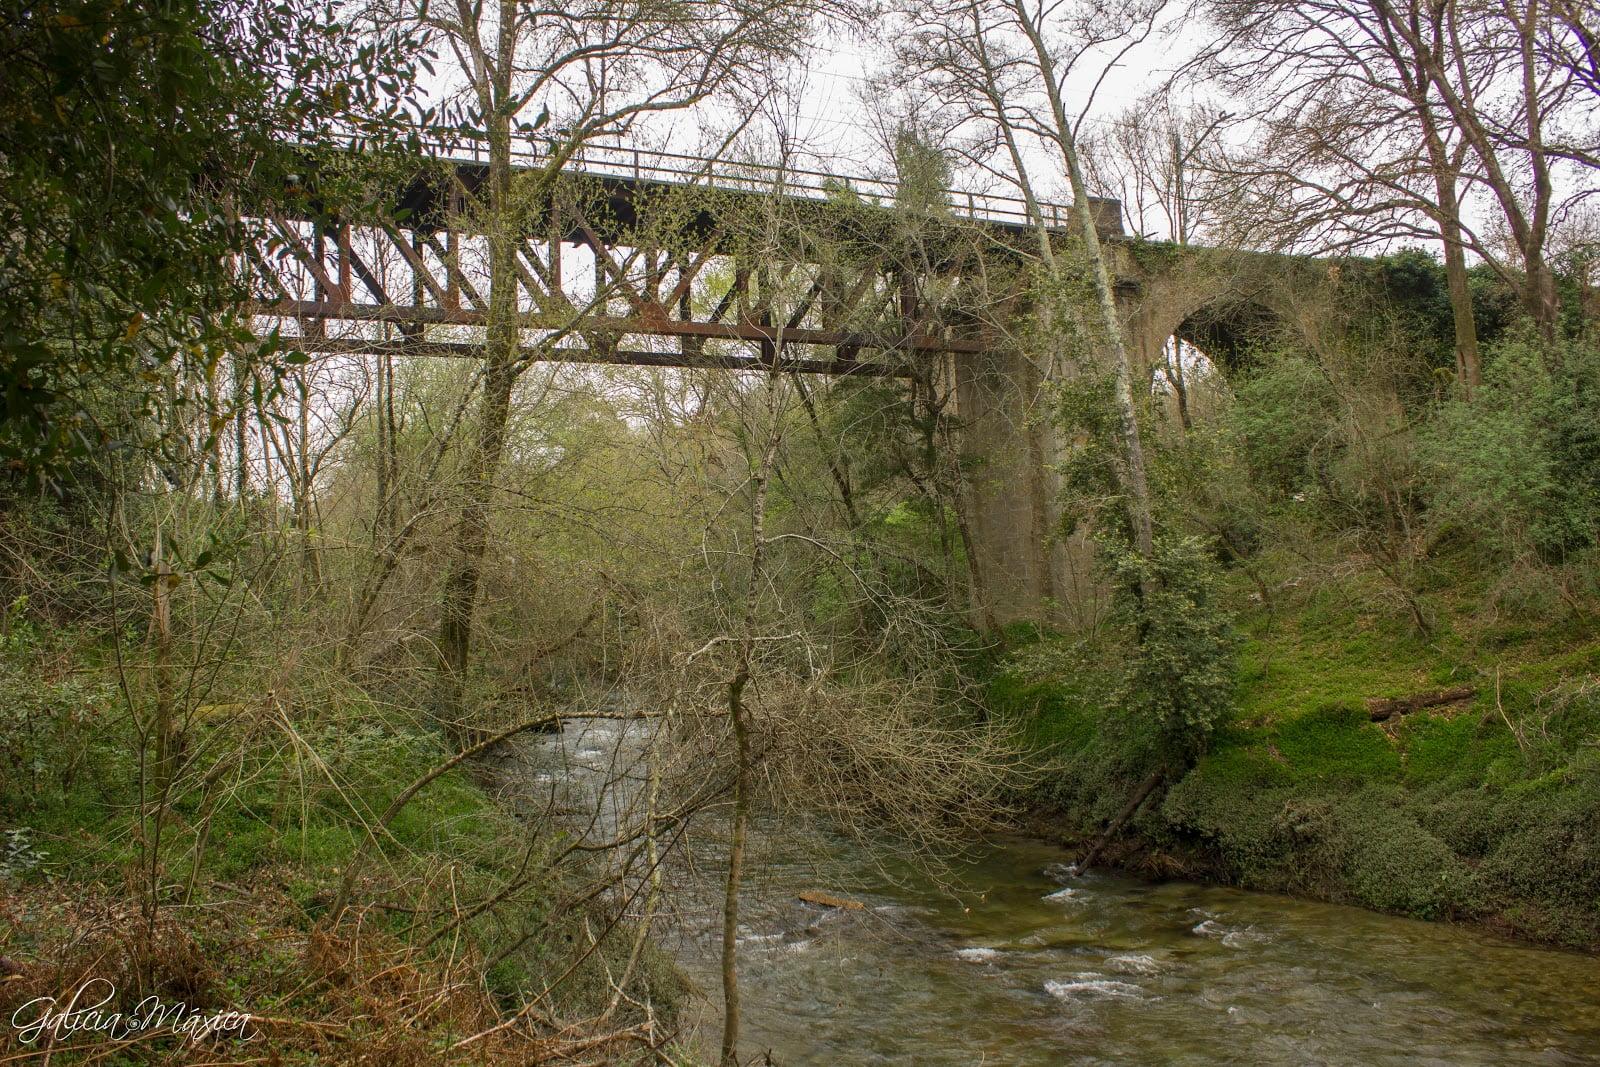 Puente del ferrocarril de la línea Ourense-Vigo de 1881